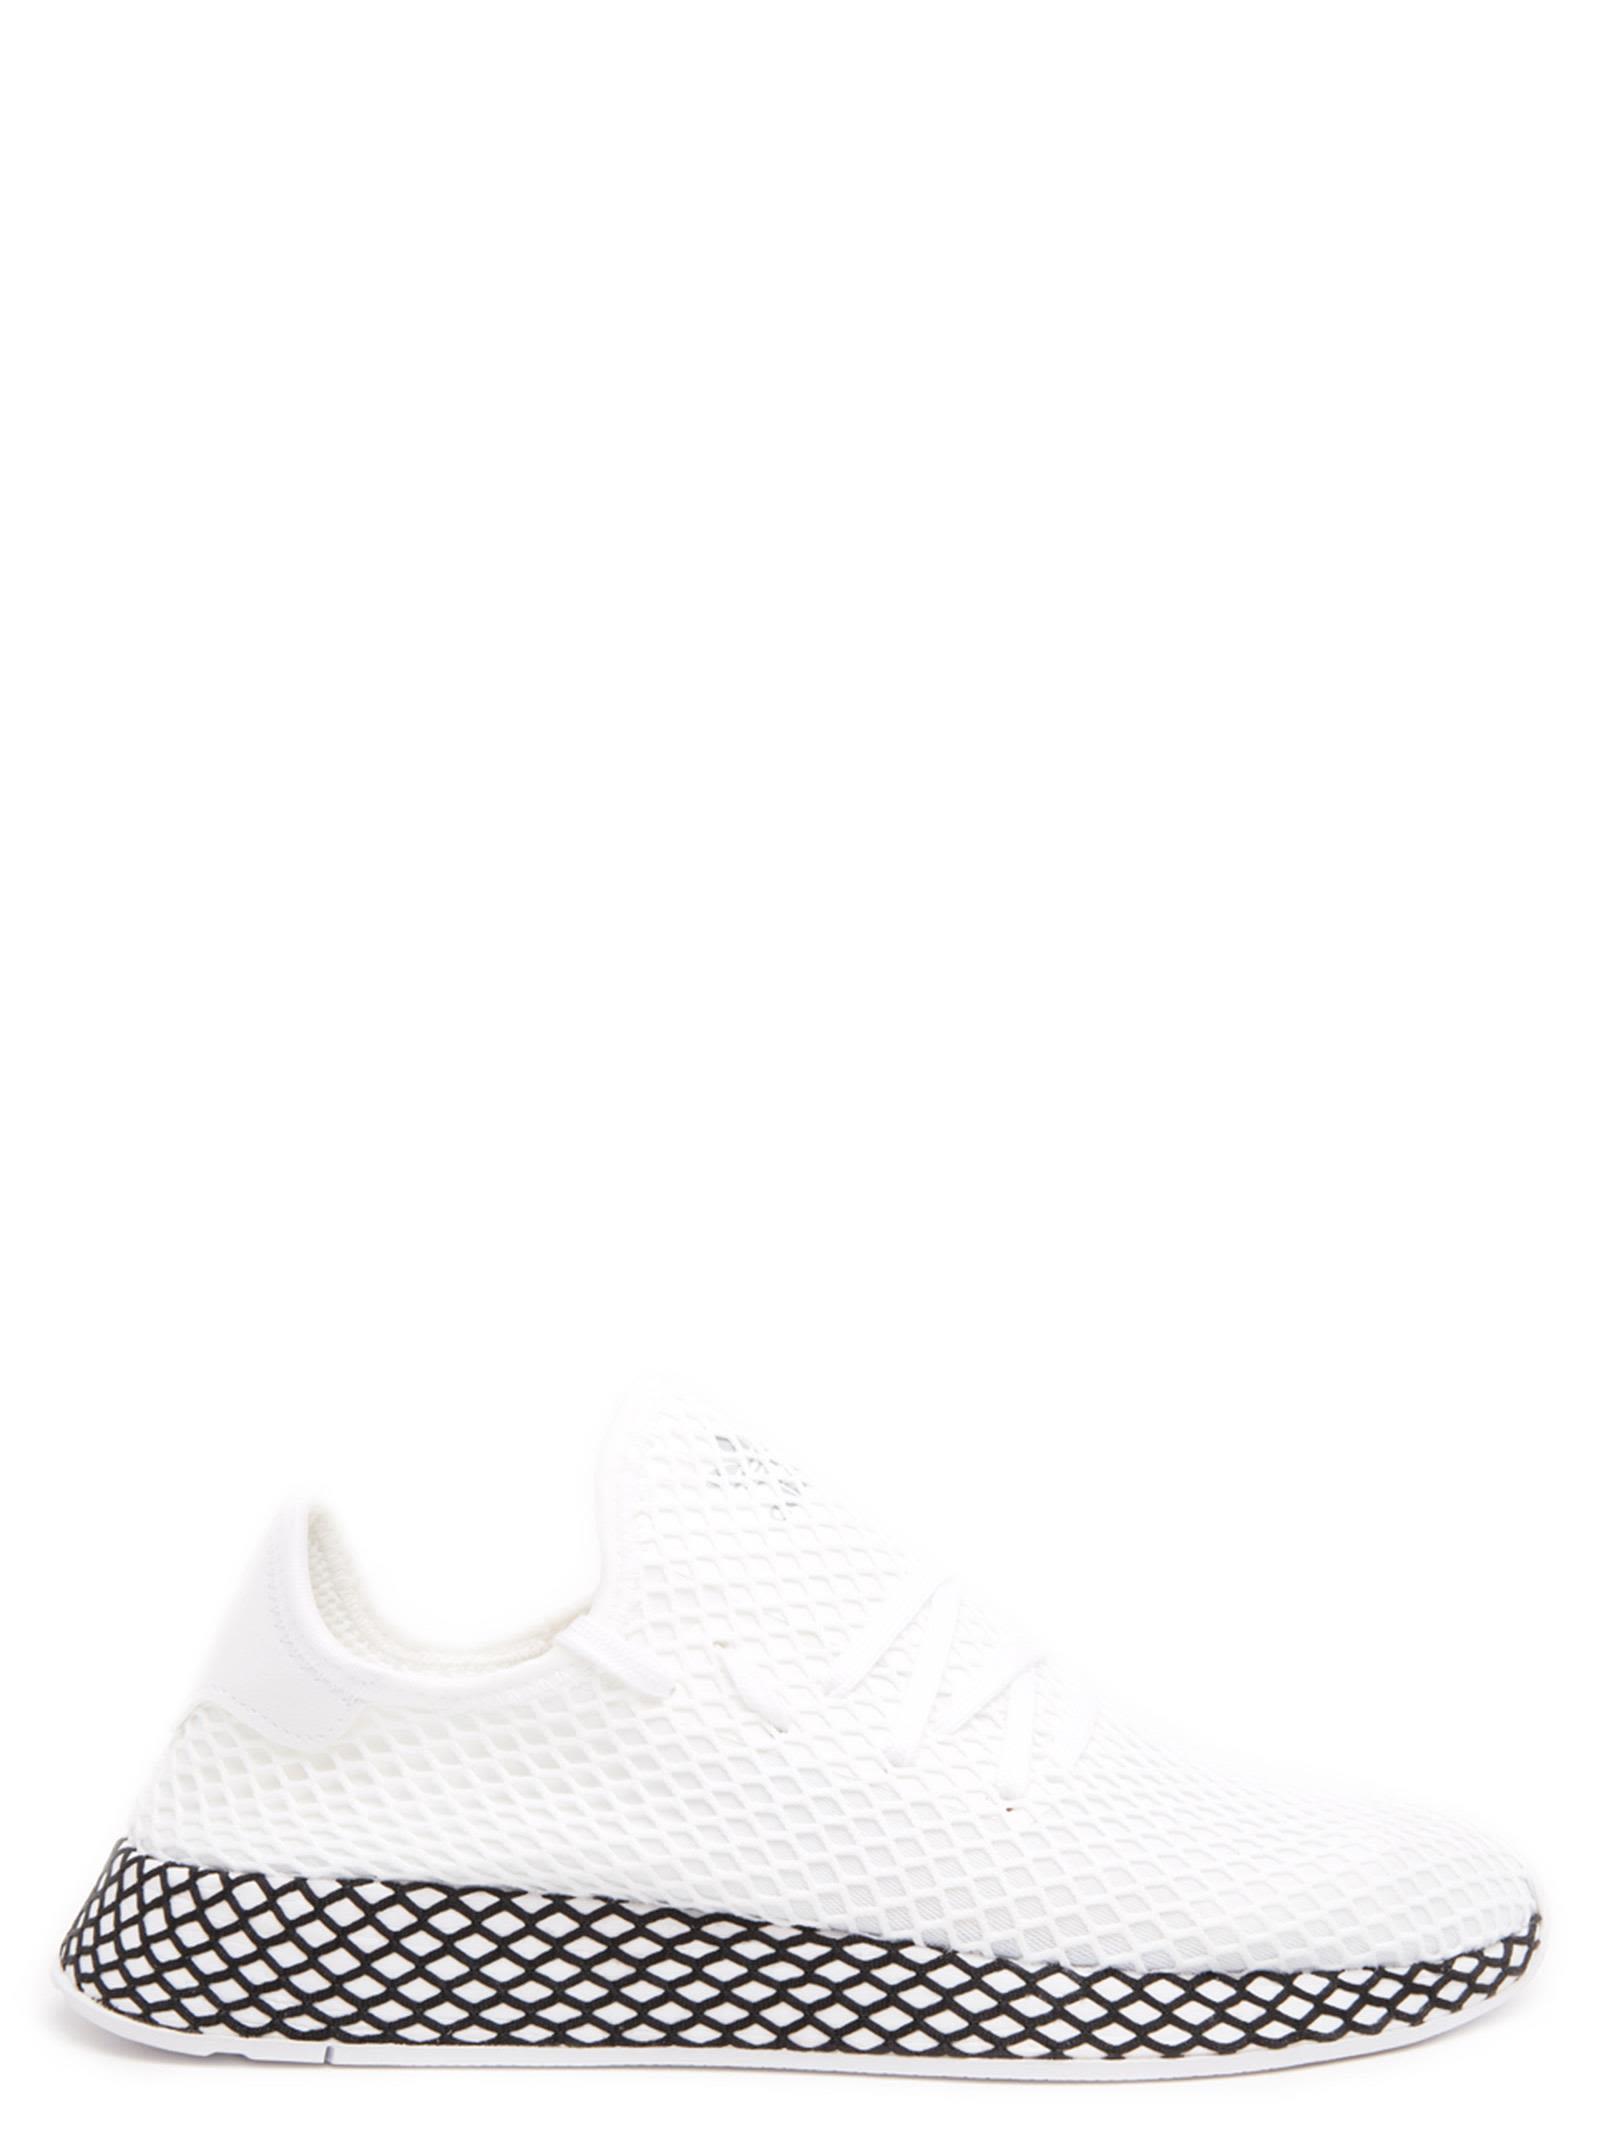 Adidas Originals 'deerupt' Shoes